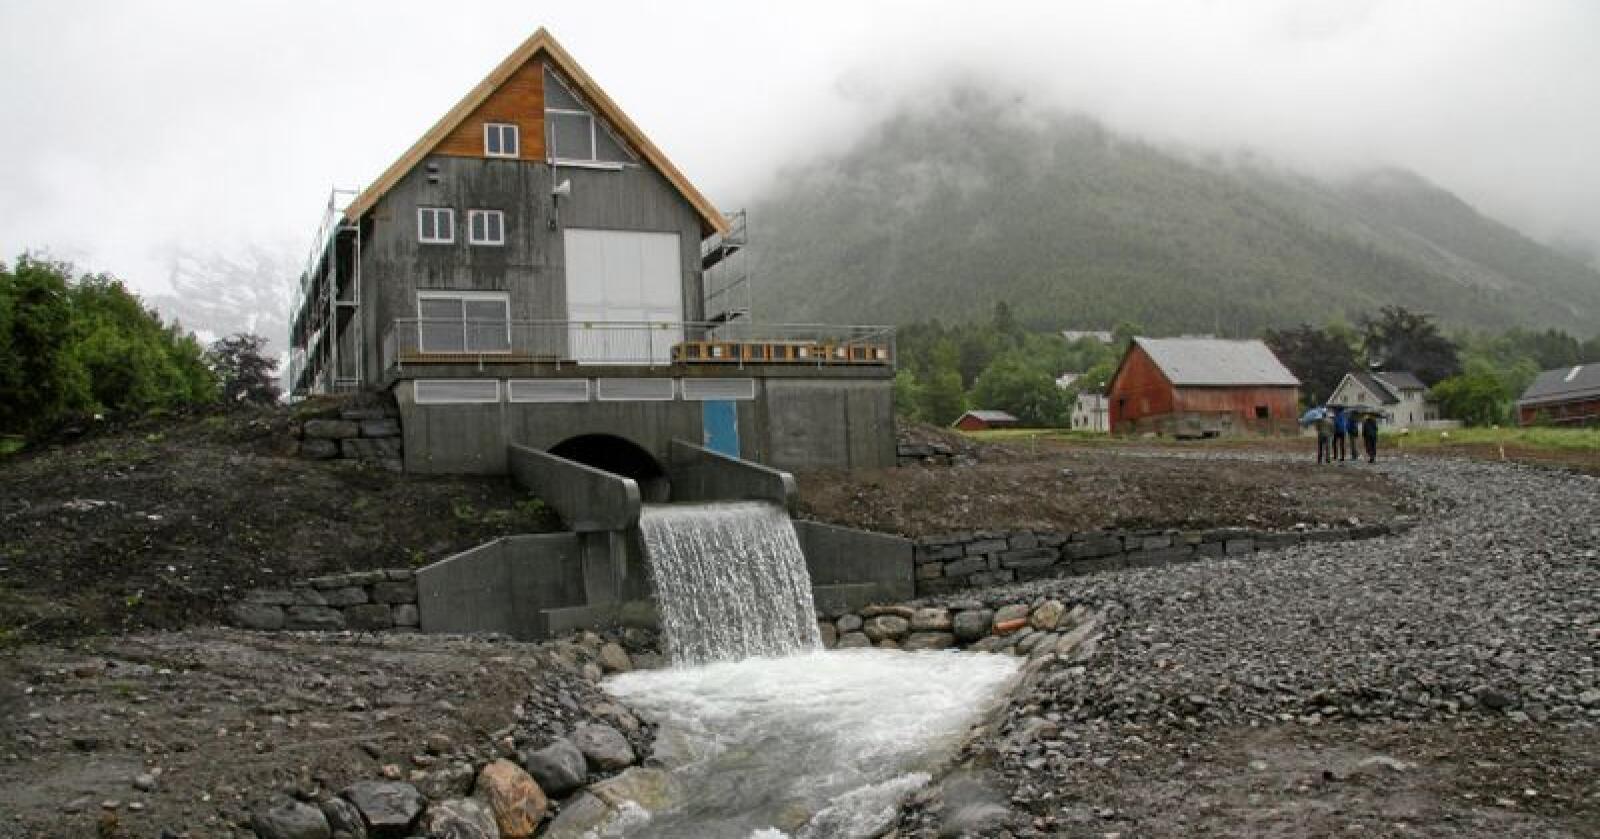 Småkraftverk: Mellom 2000 og 2016 blei det bygd 432 småkraftverk. Foto: Bjørn Lytskjold / NVE